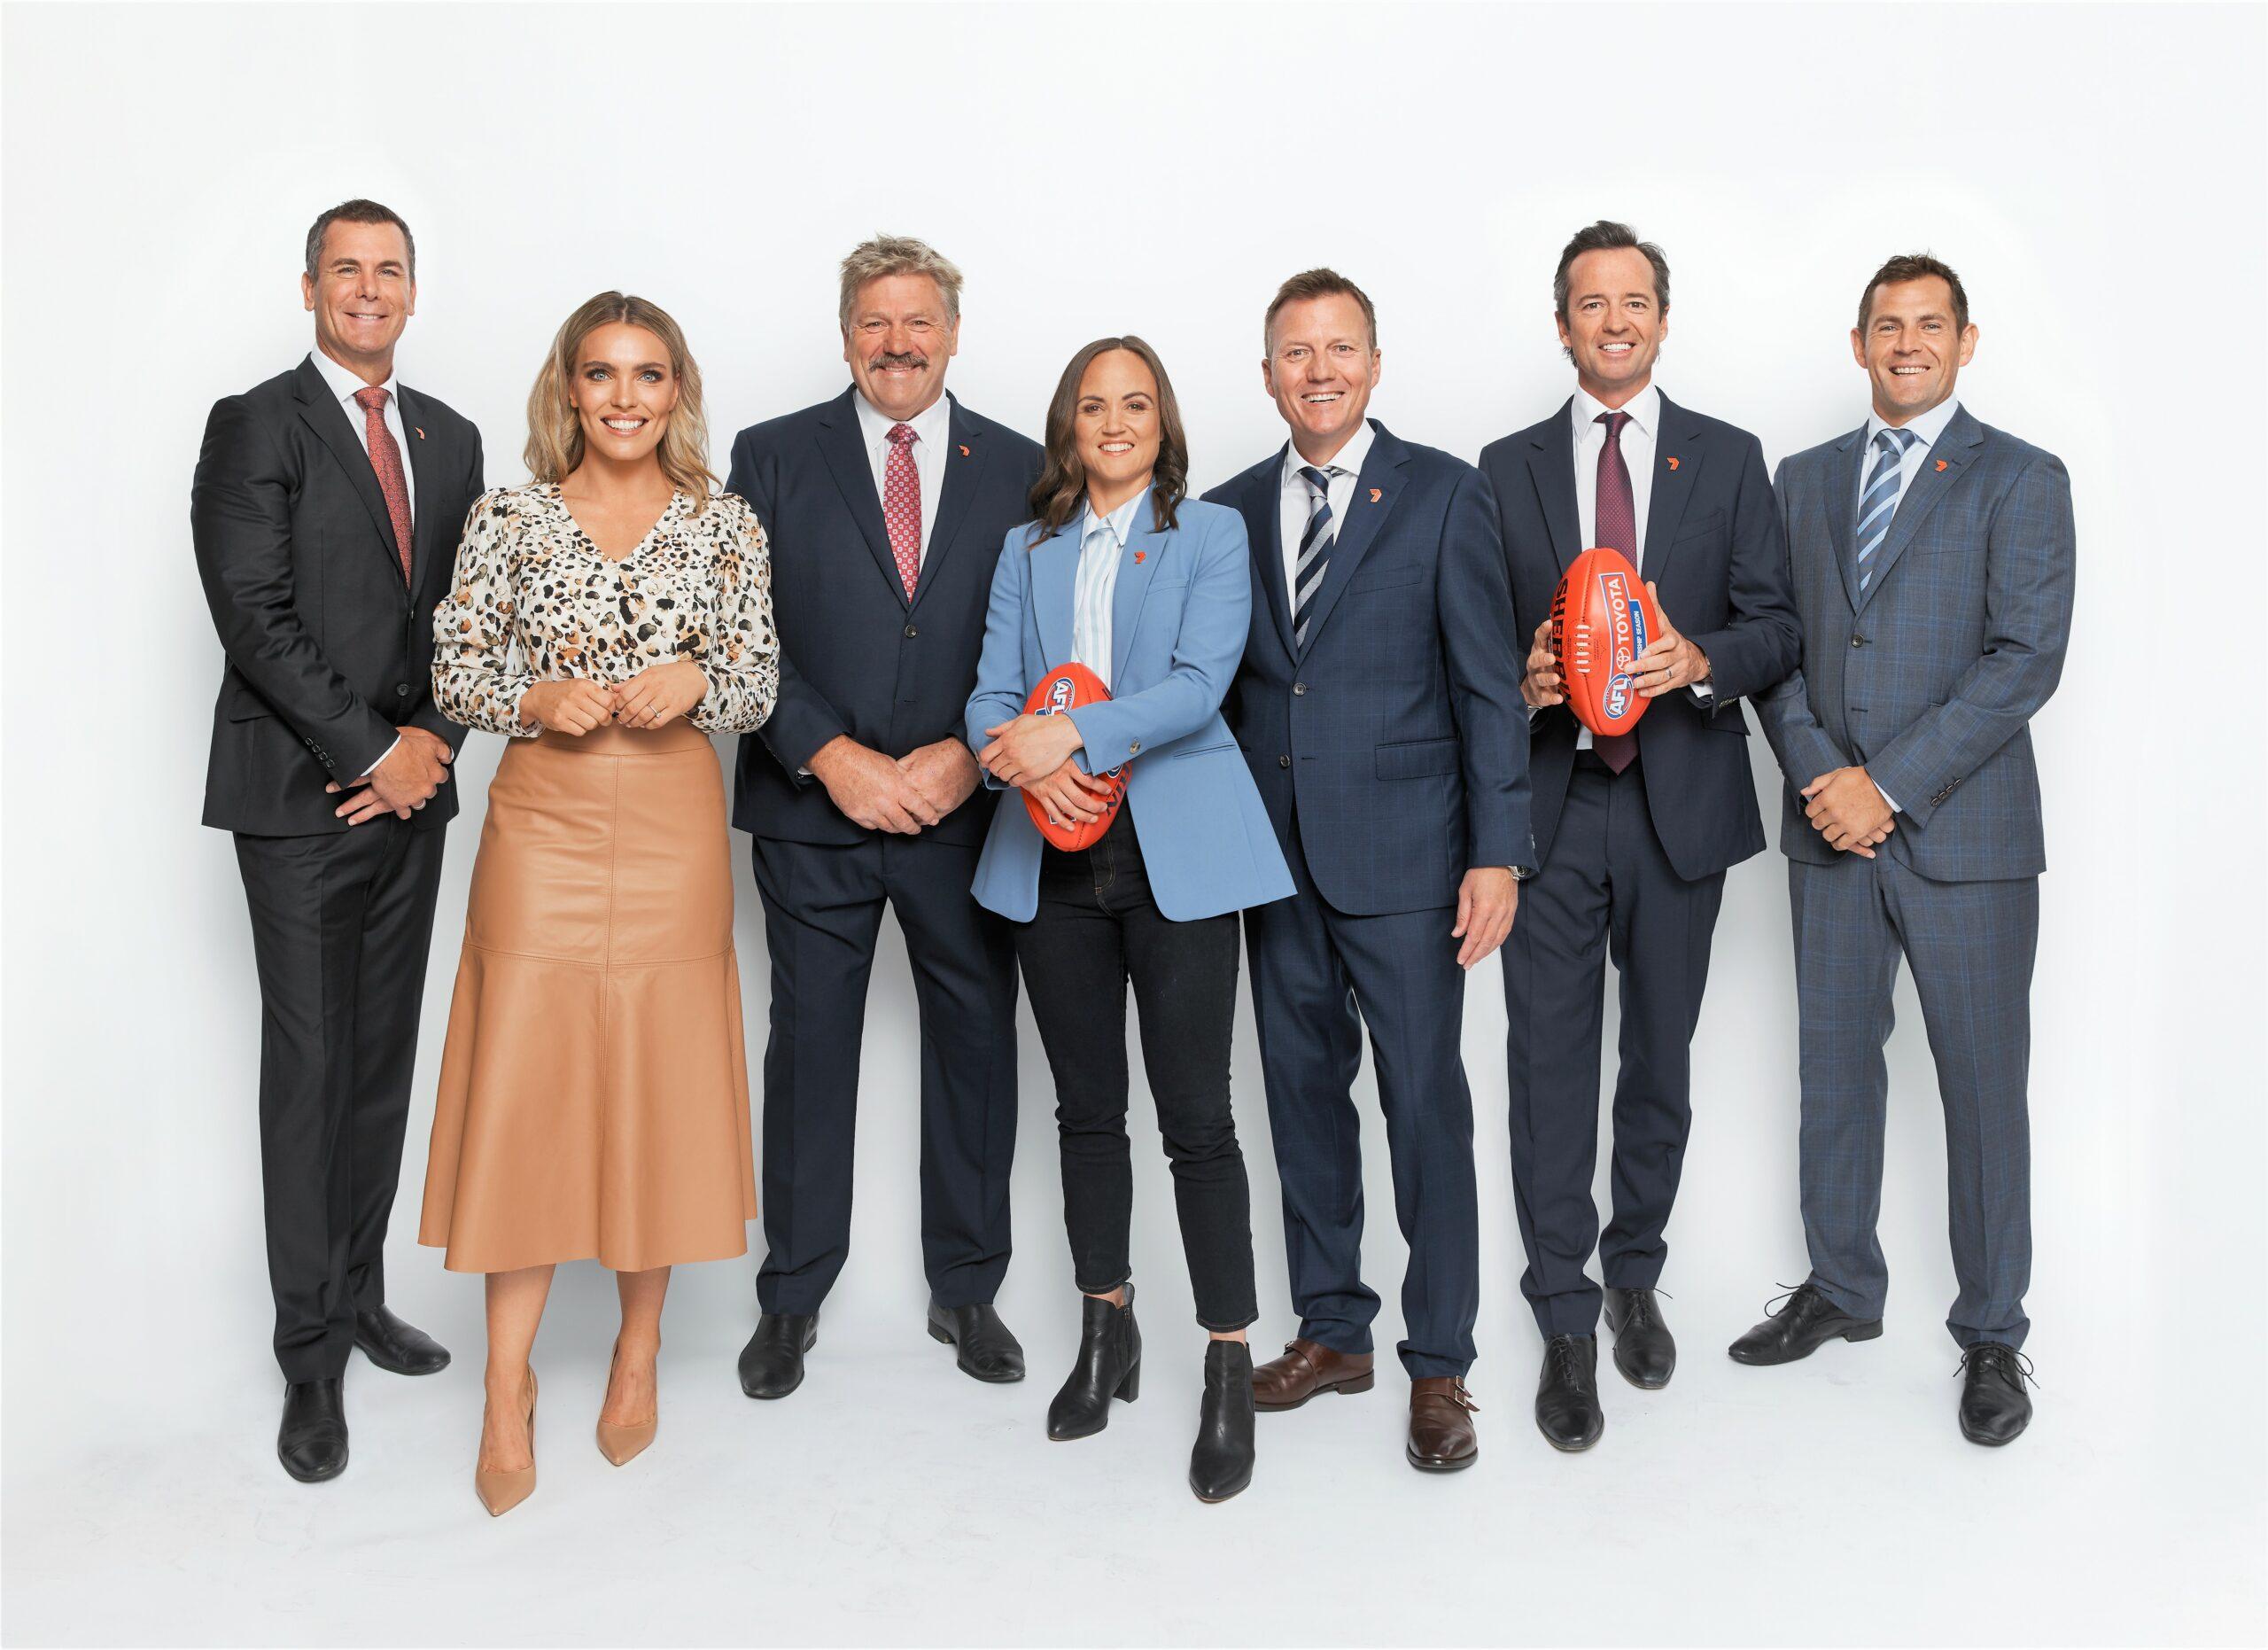 AFL finals fever set to take hold on Seven